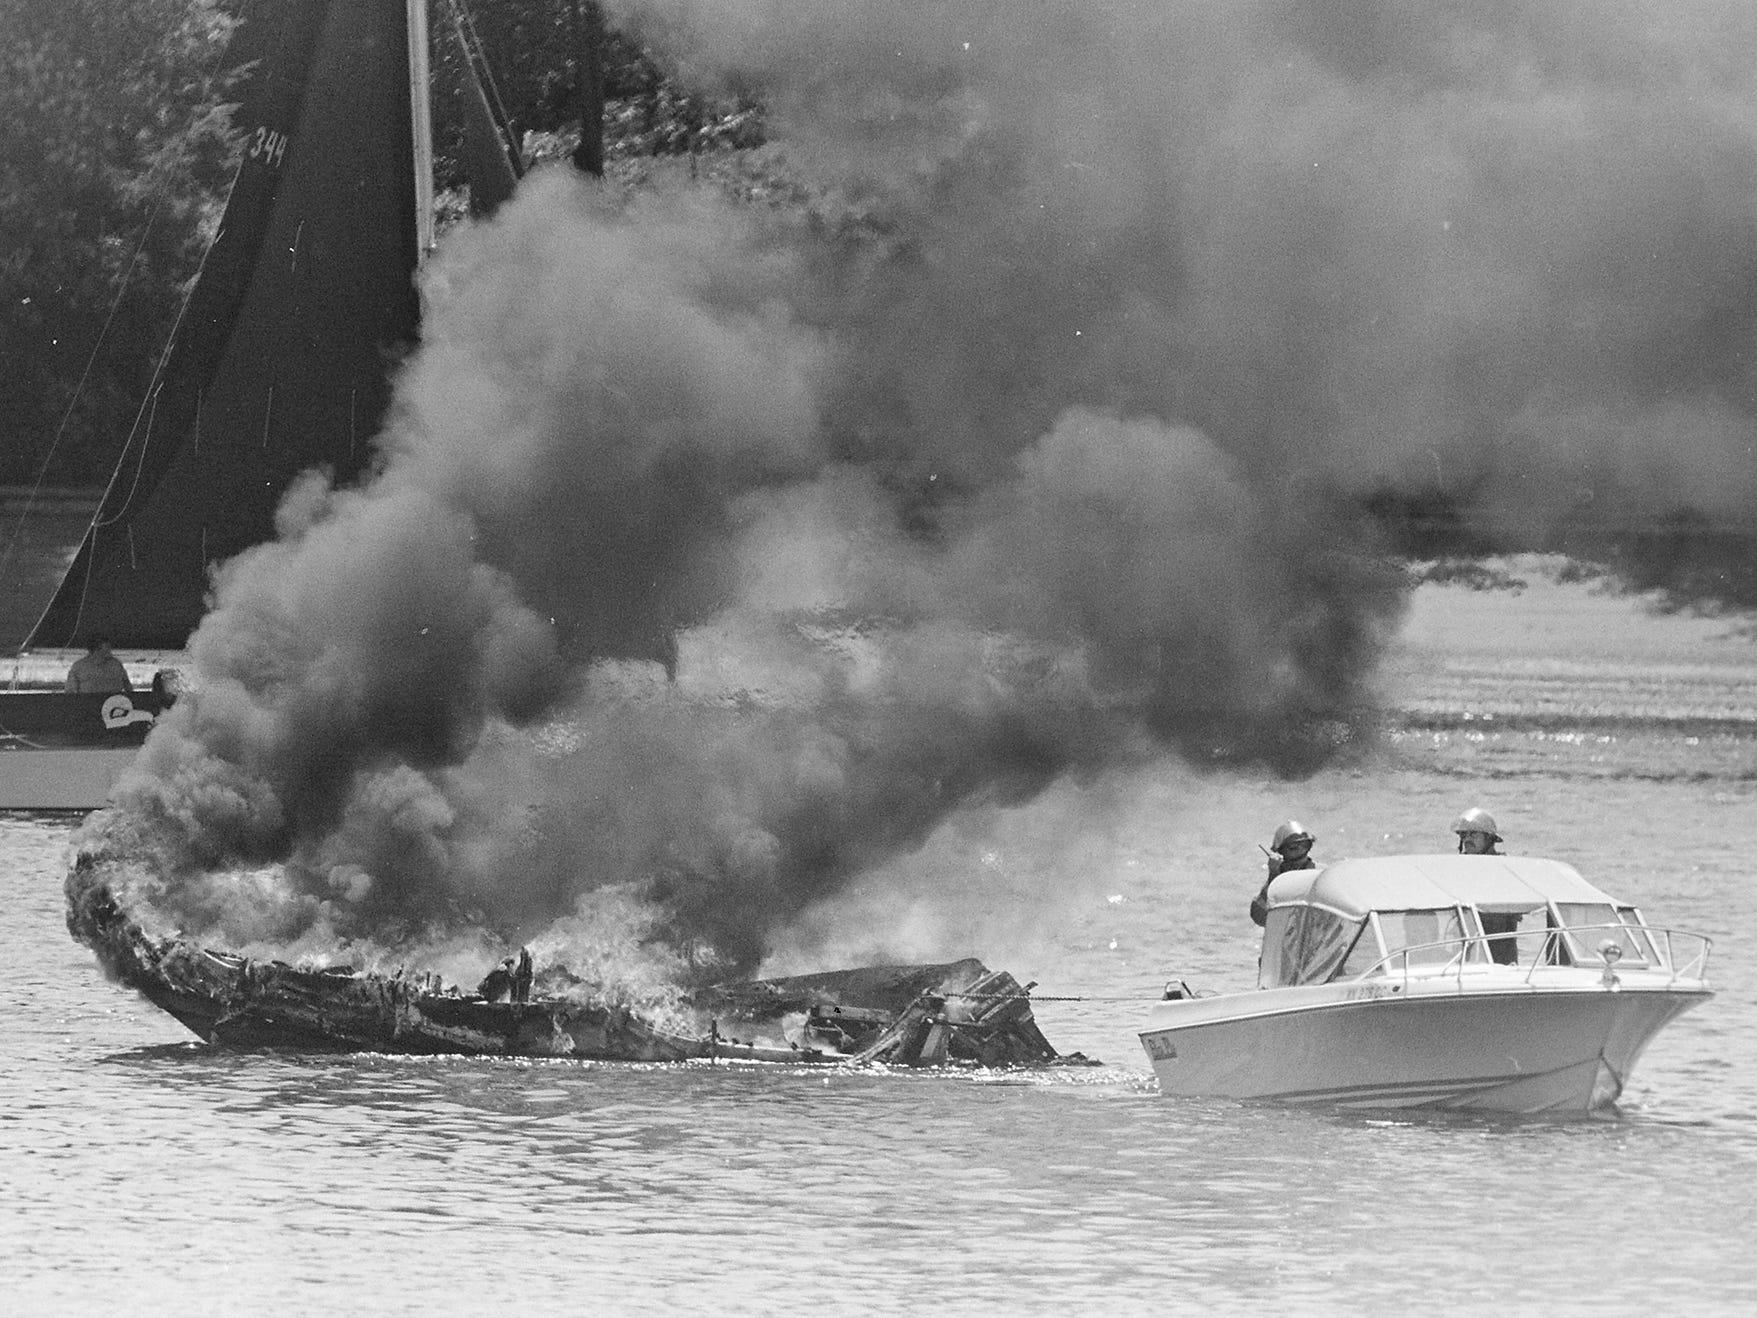 05/09/88Boat Fire